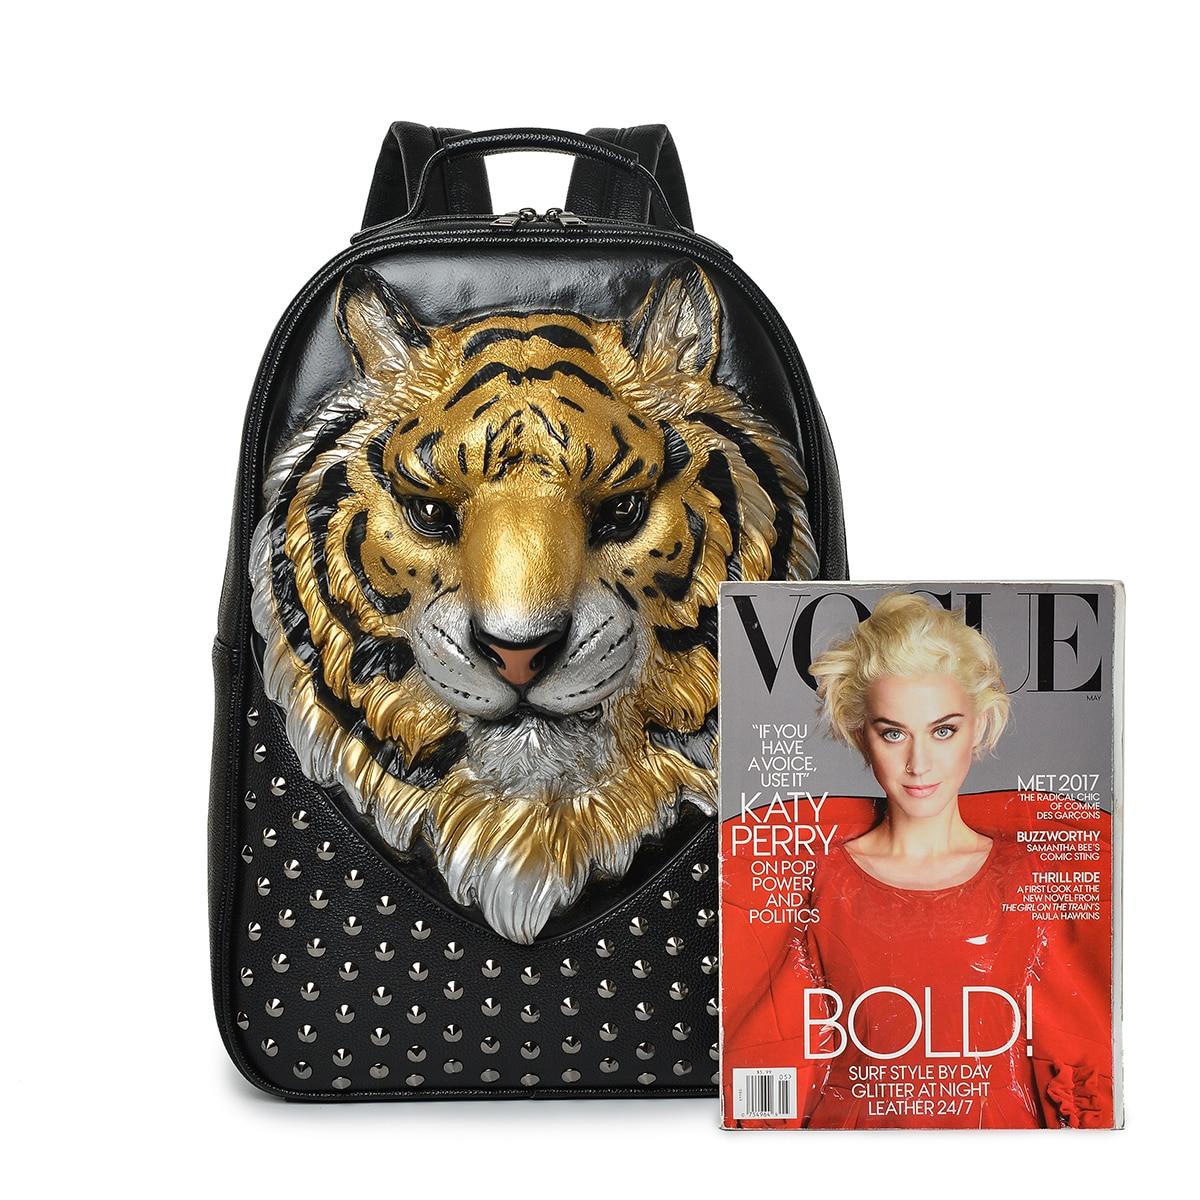 Hommes sac à dos 3D en relief tête de tigre clouté Rivet Gother femmes en cuir souple voyage punk rock sac à dos ordinateur portable école Halloween sac - 6